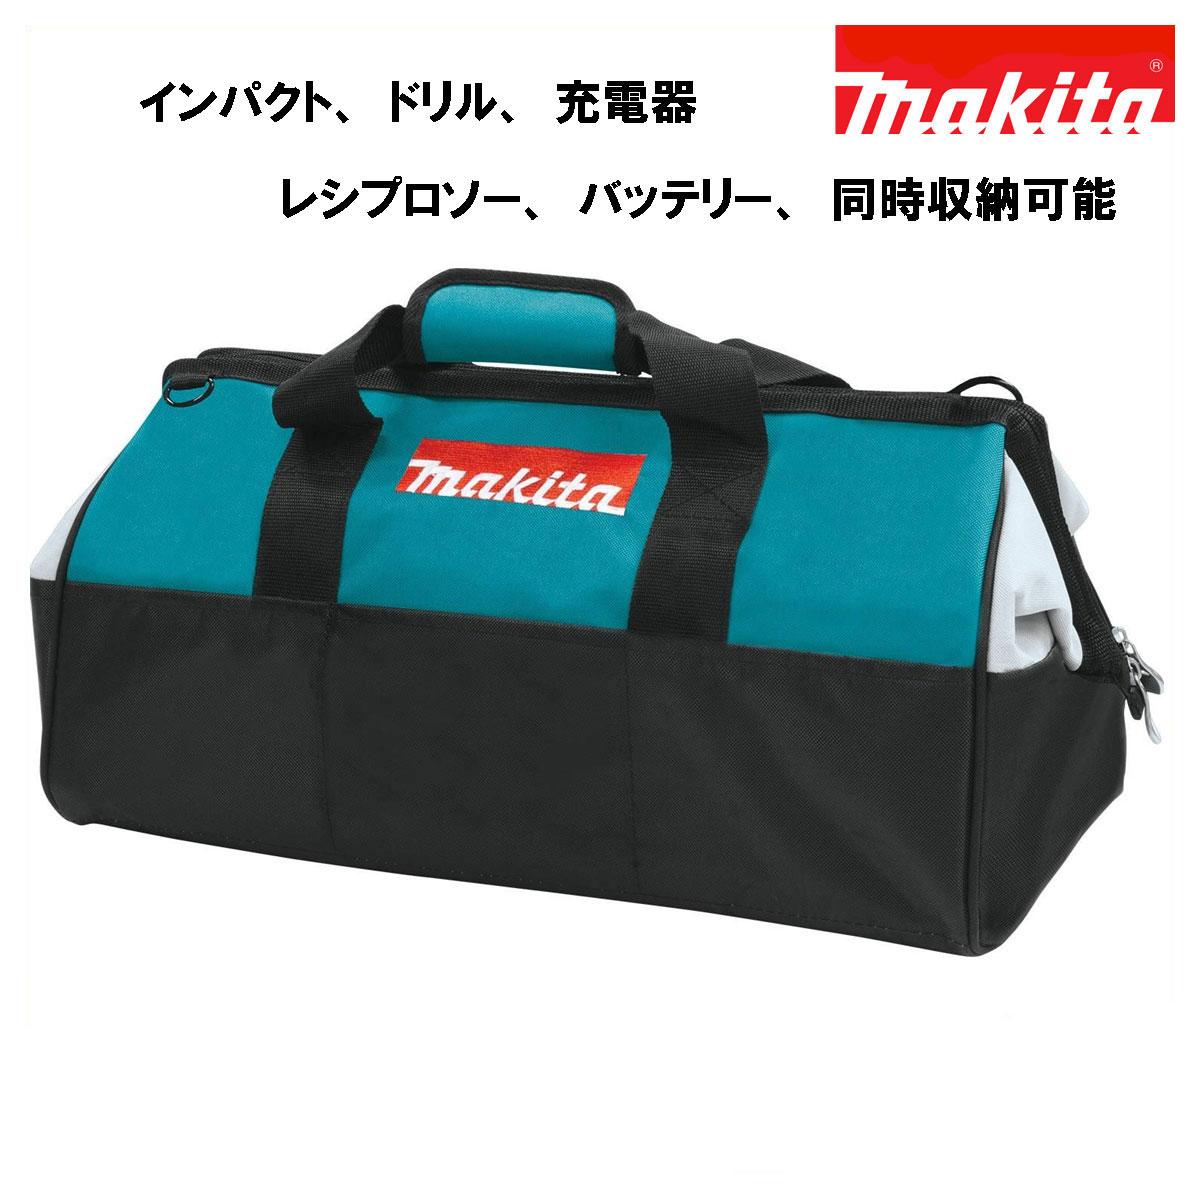 マキタ ツールバッグ 工具箱 ツールケース ツールボックス MAKITA 純正 横長タイプ レシプロソーが入る大型ツールバック(53cm×30cm×30cm)